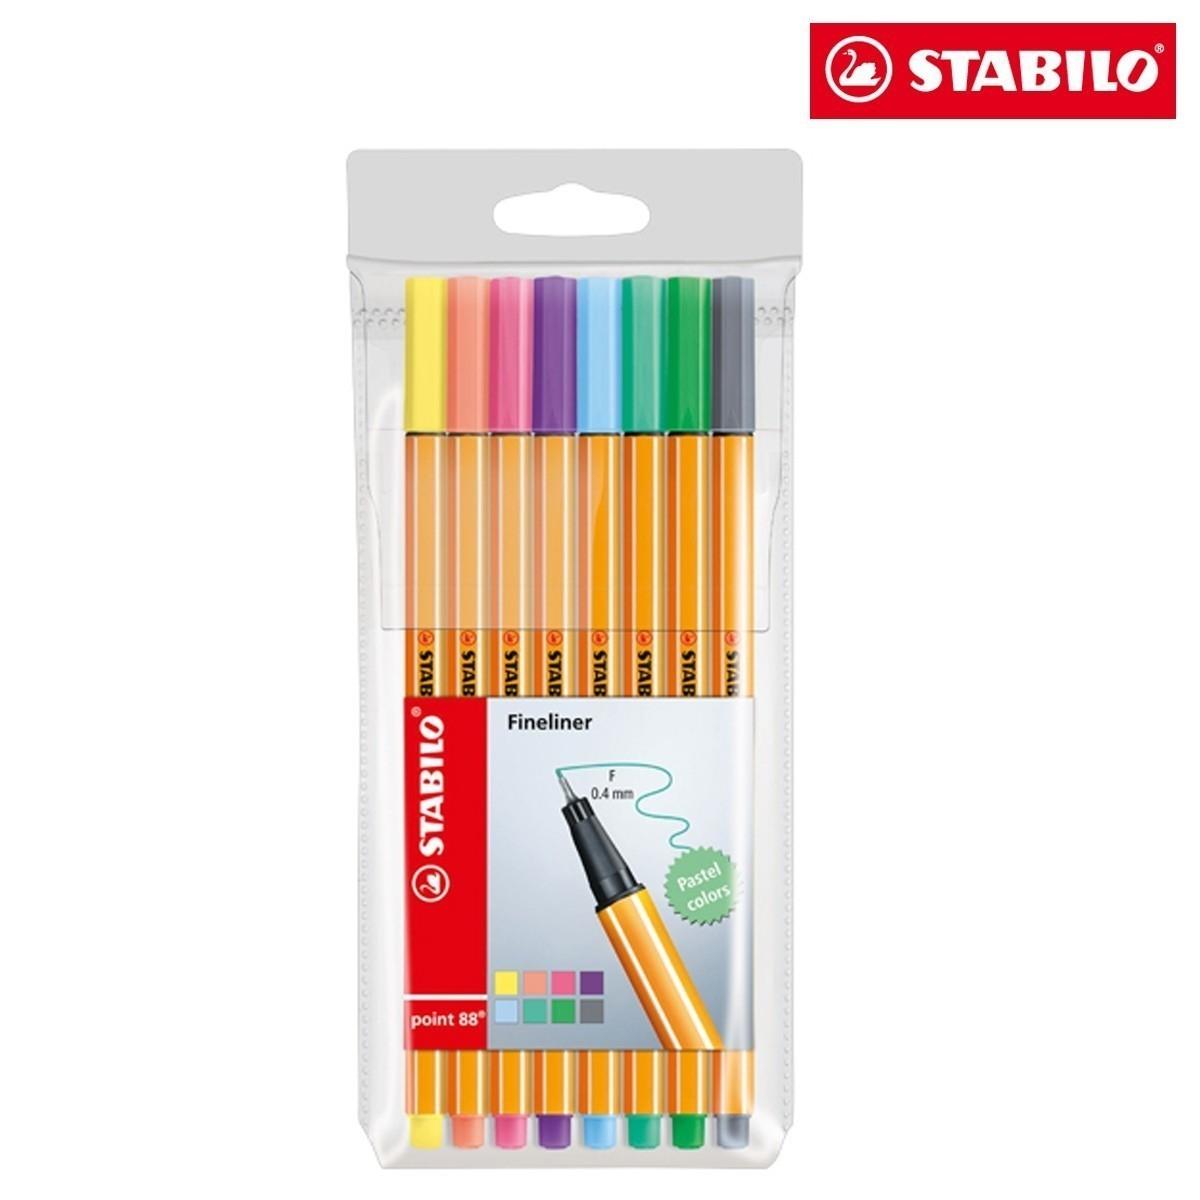 Caneta Stabilo Point 88 0.4 Estojo C/8 Cores Pastel